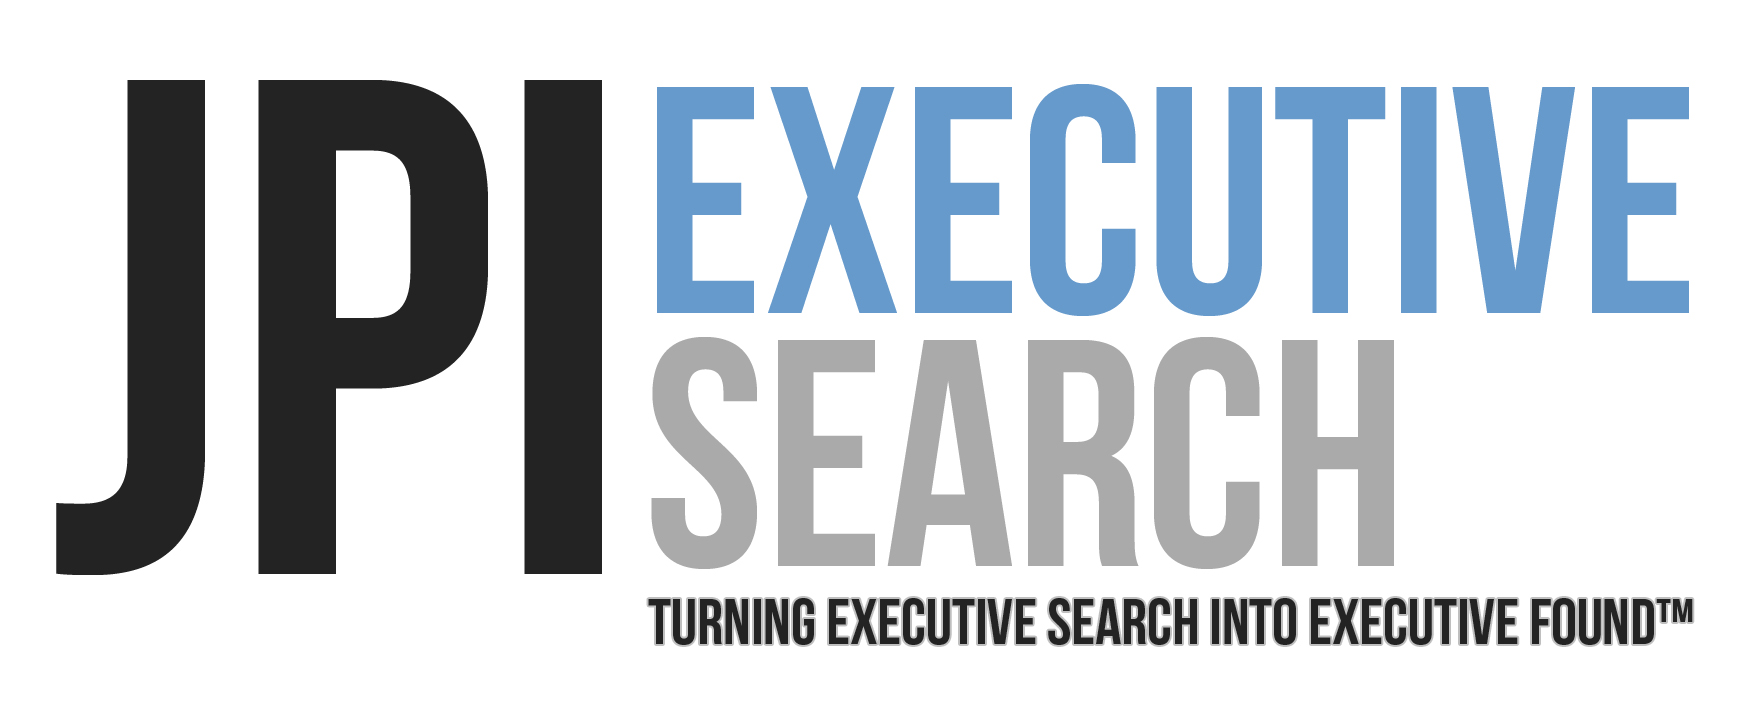 Truenorth Executive Search, Inc.